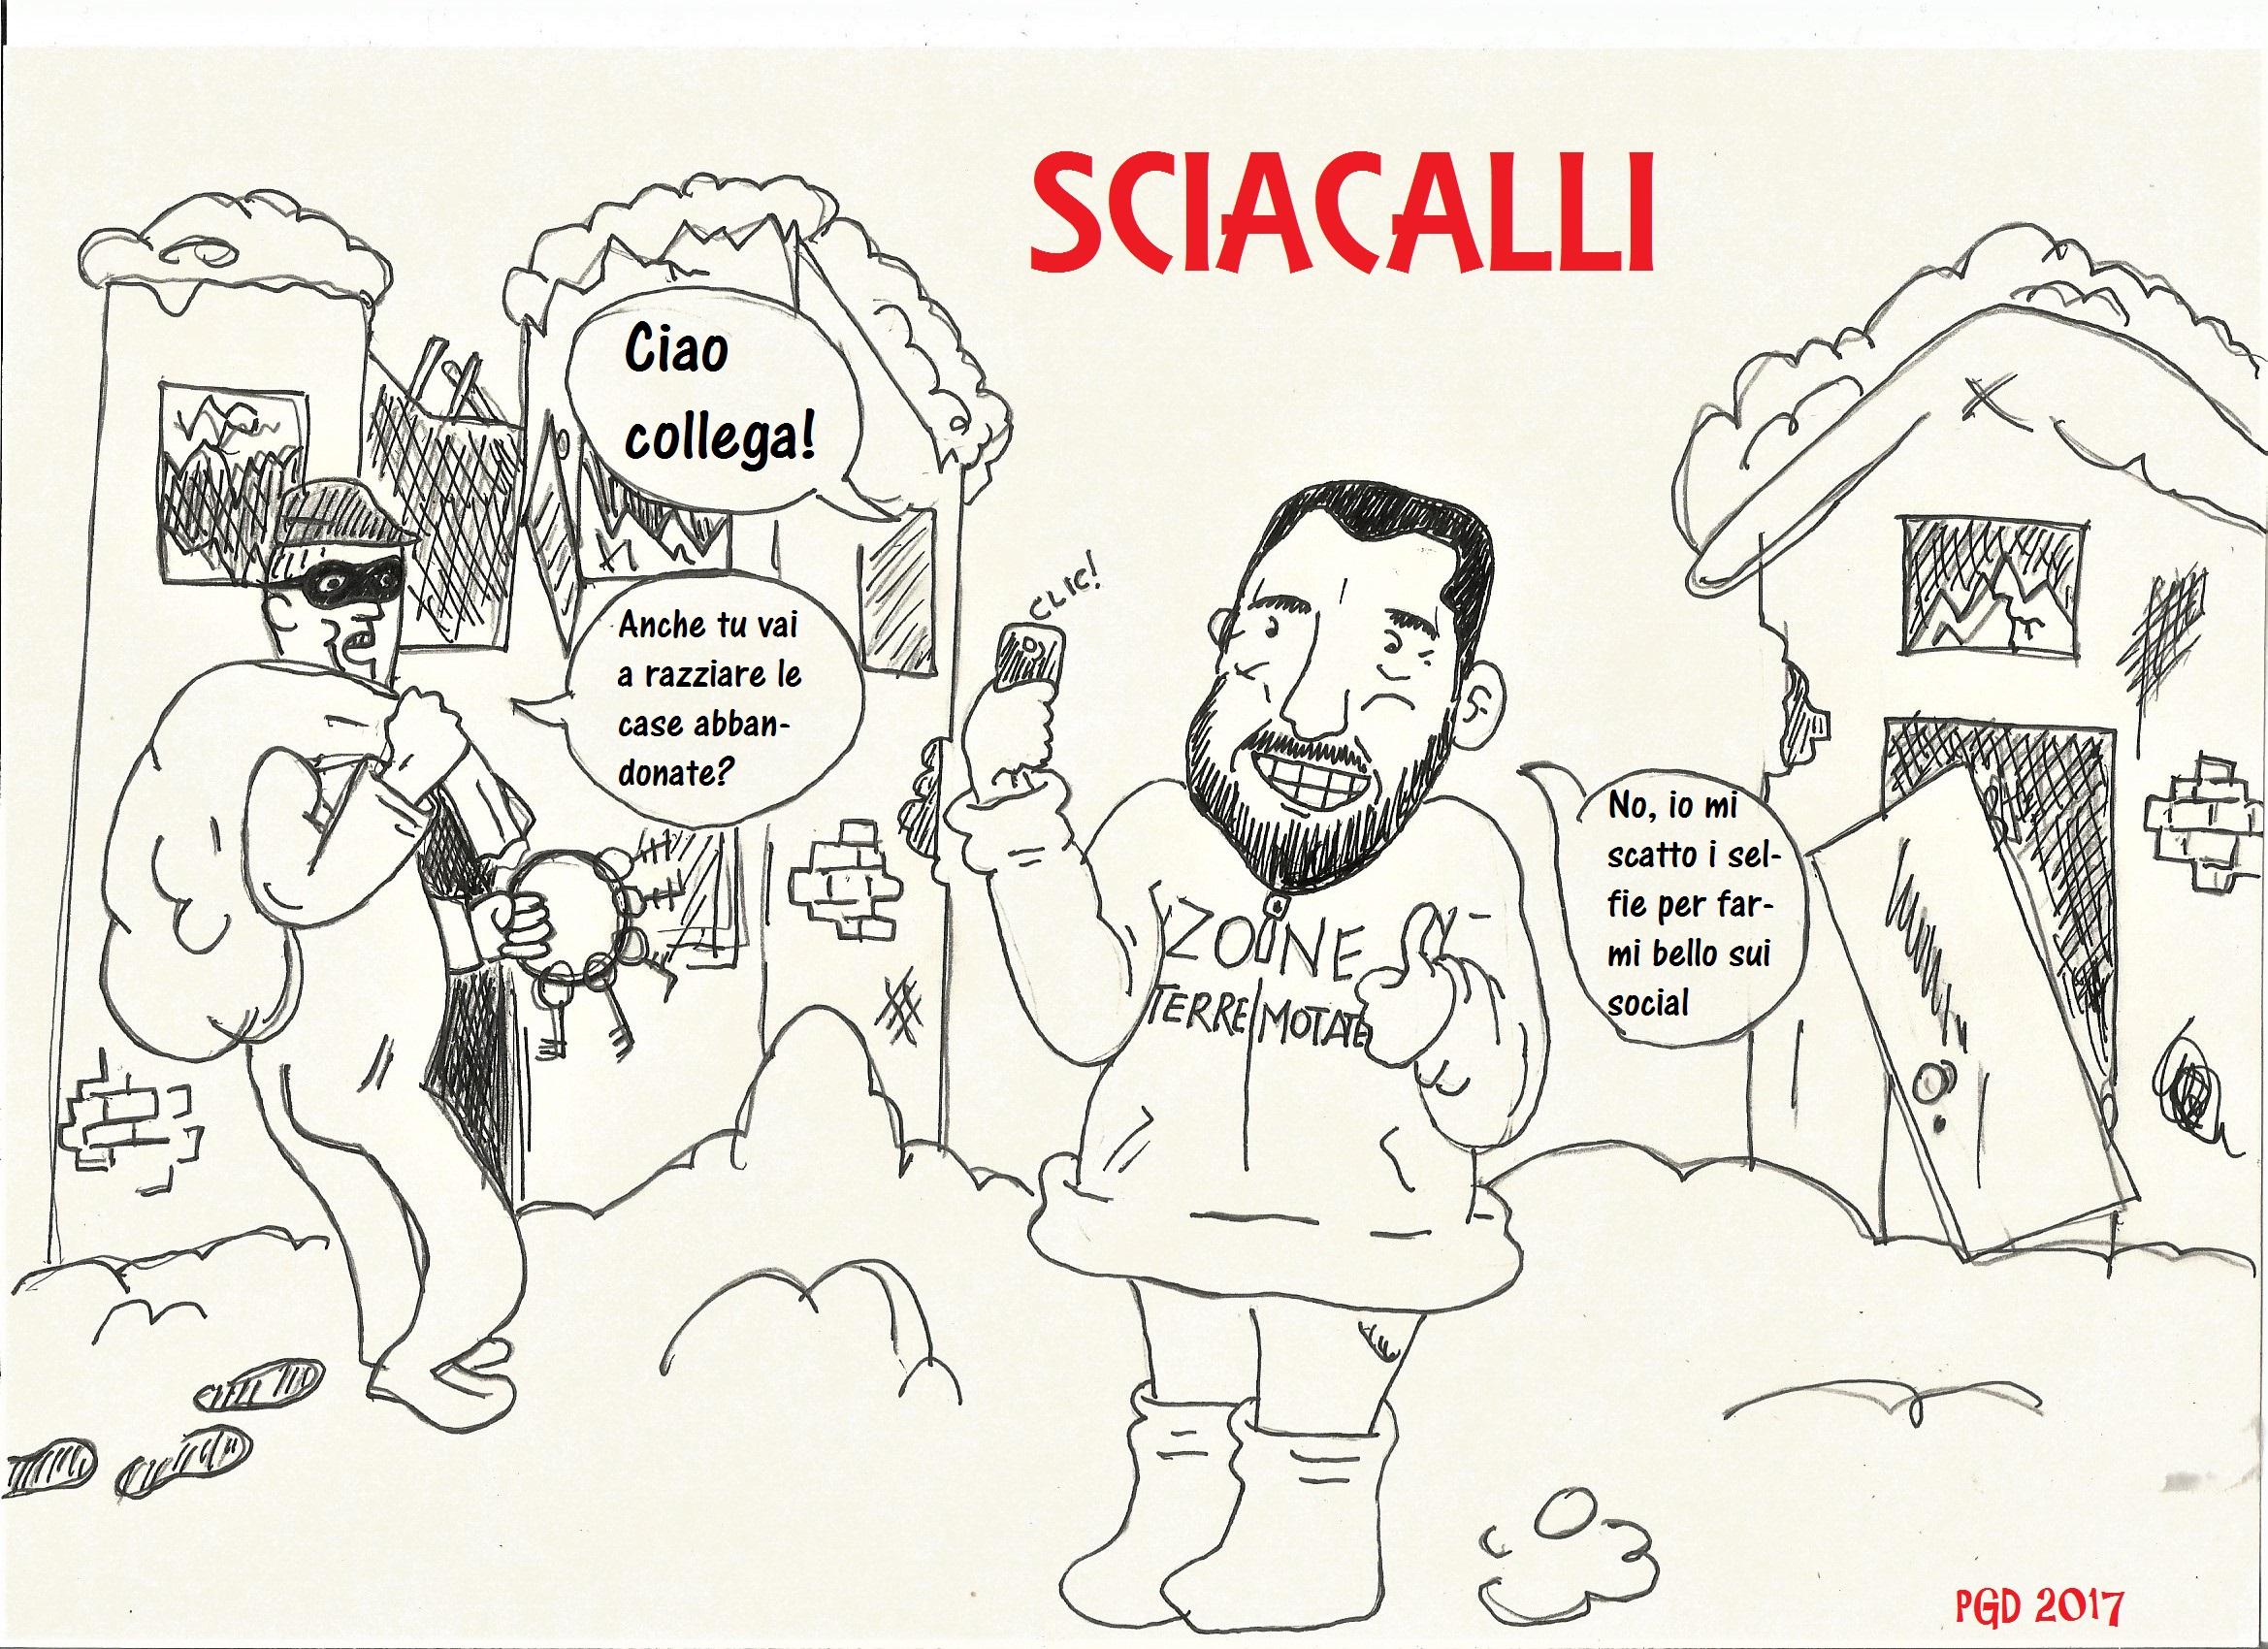 Sciacalli, ovvero: Salvini e i suoi selfie